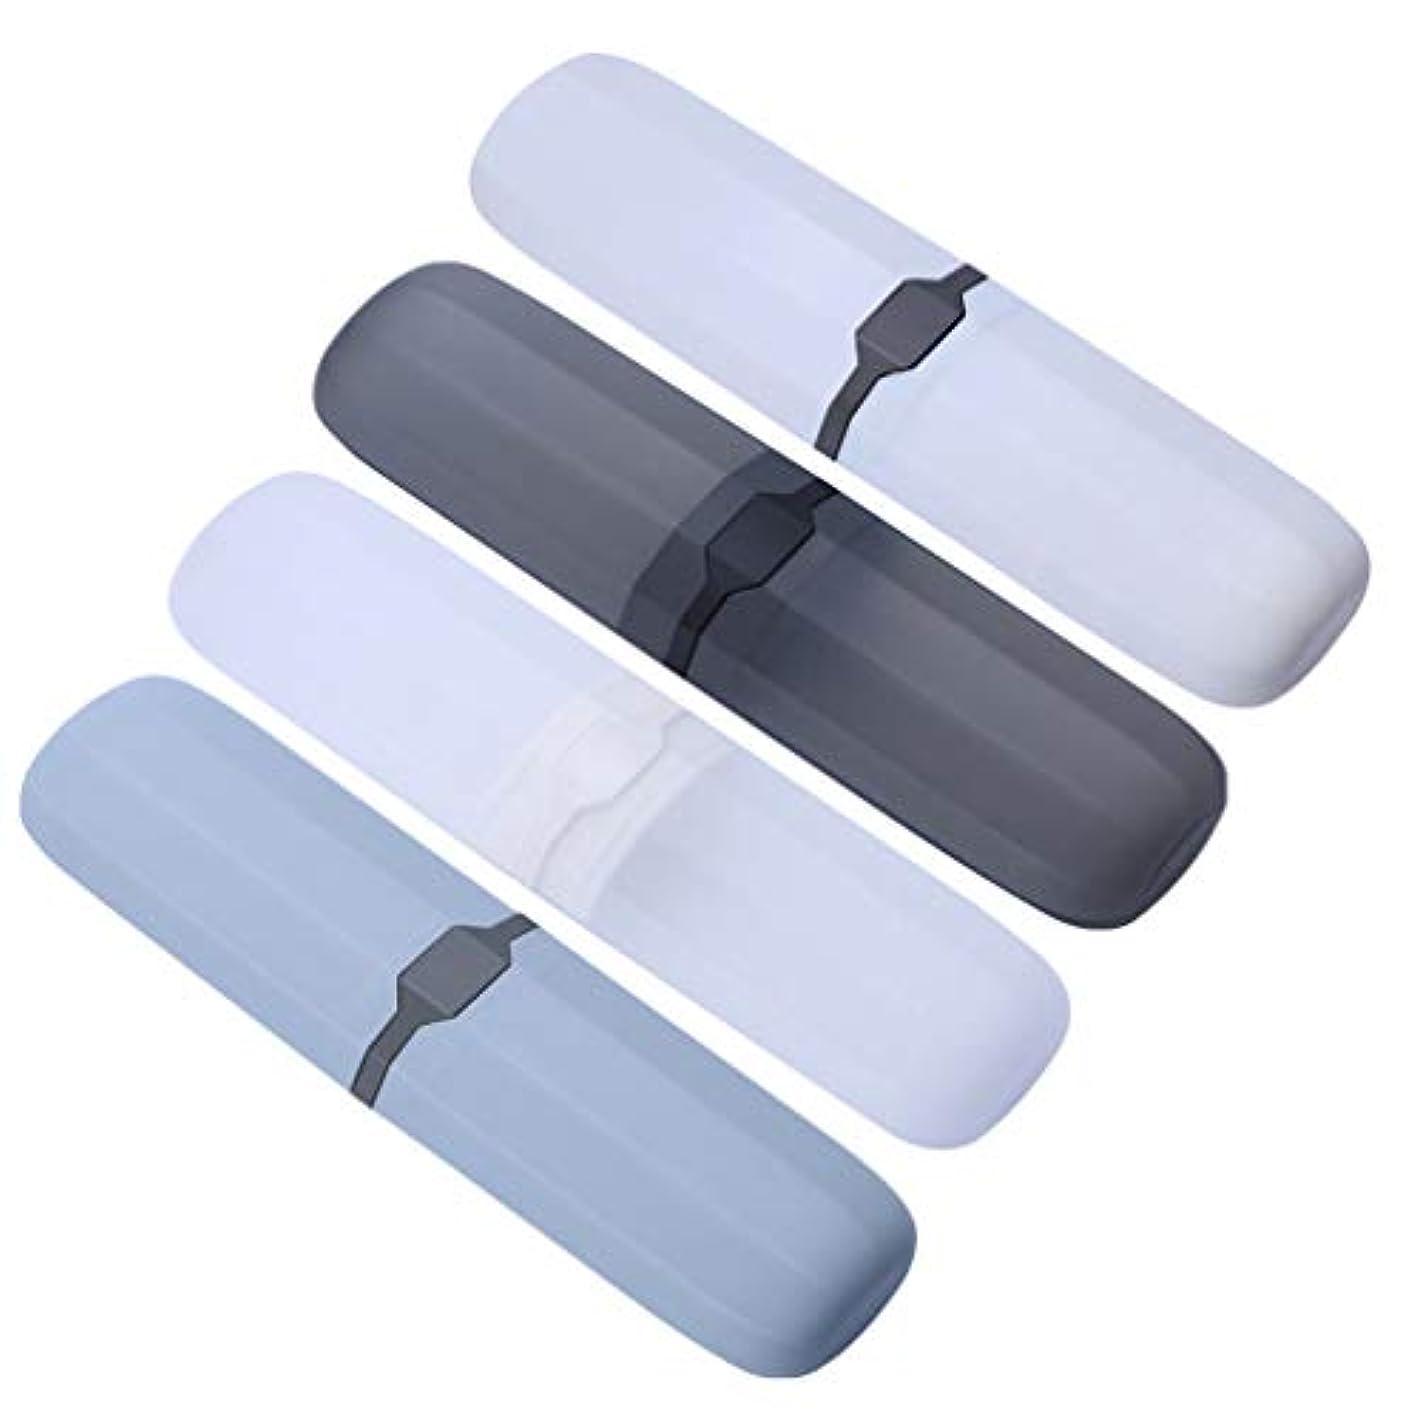 コロニアル賢明な治世Healifty Toothbrush Case Portable Toothpaste Storage Box for Travel 4PCS